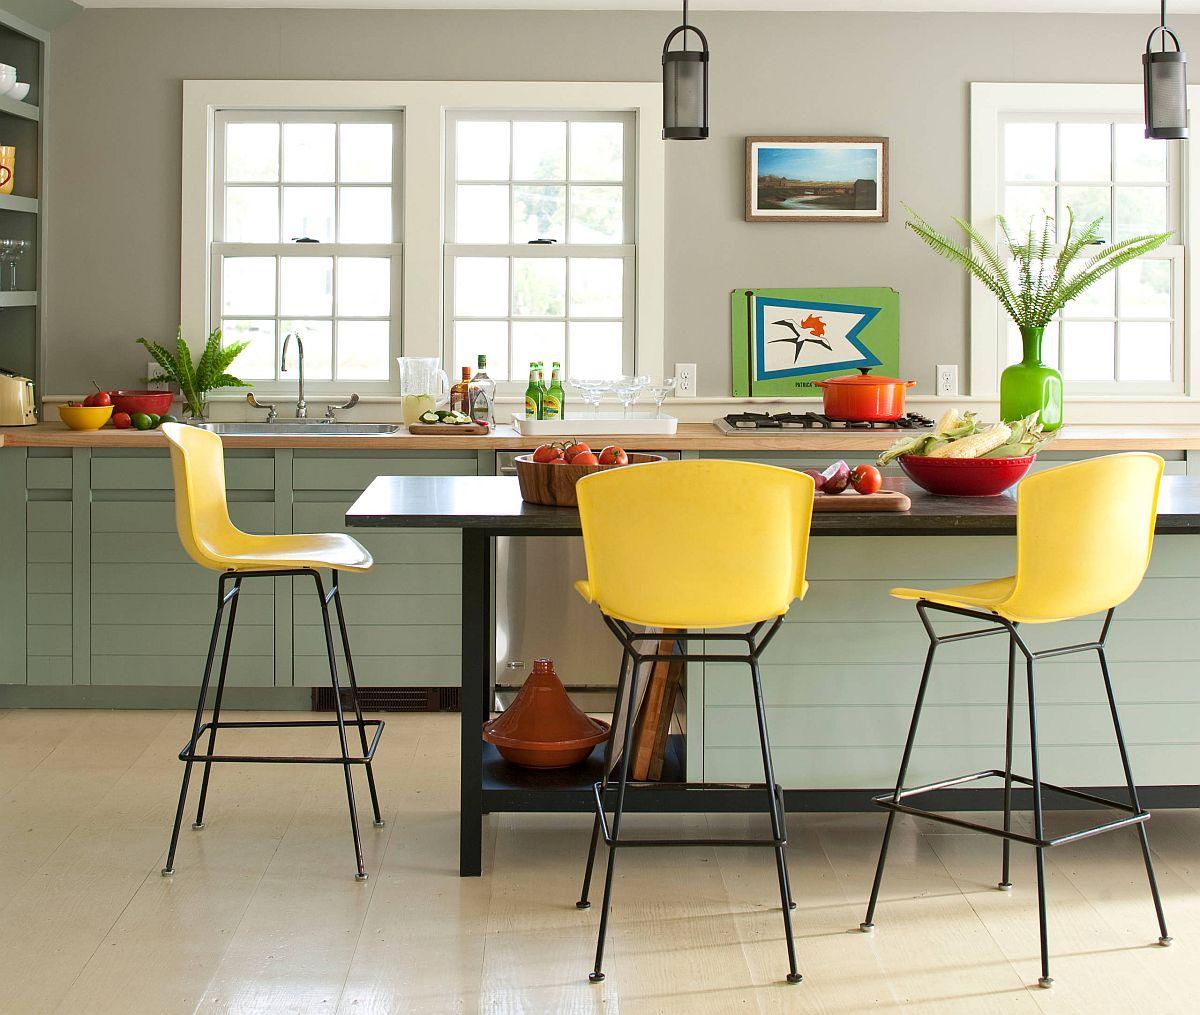 Vài chiếc ghế đẩu màu vàng, chiếc bình hoa và thêm vài nhành lá màu xanh giúp căn phòng căng tràn sức sống.